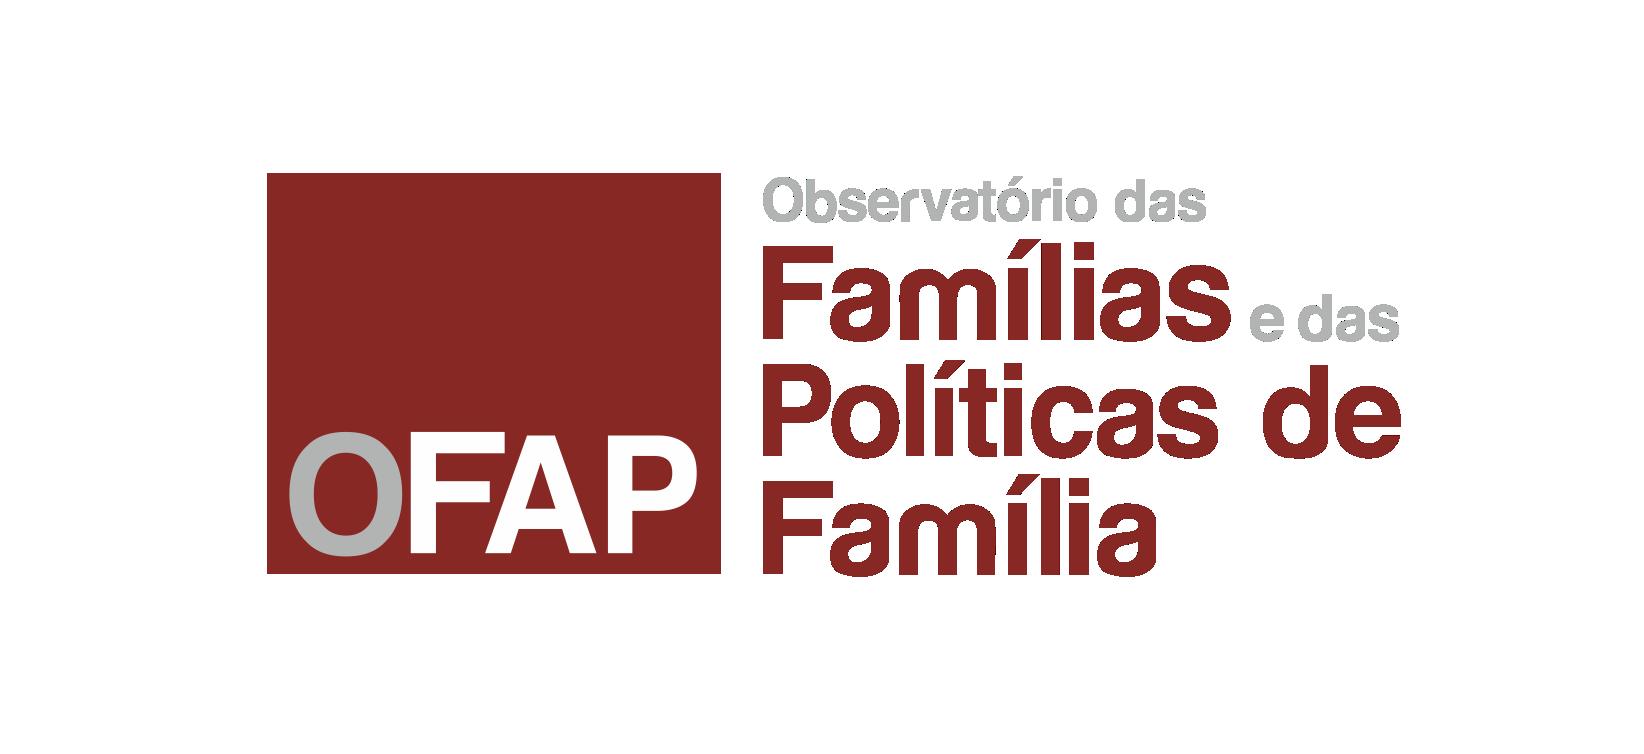 Observatório das Famílias e de Políticas da Família